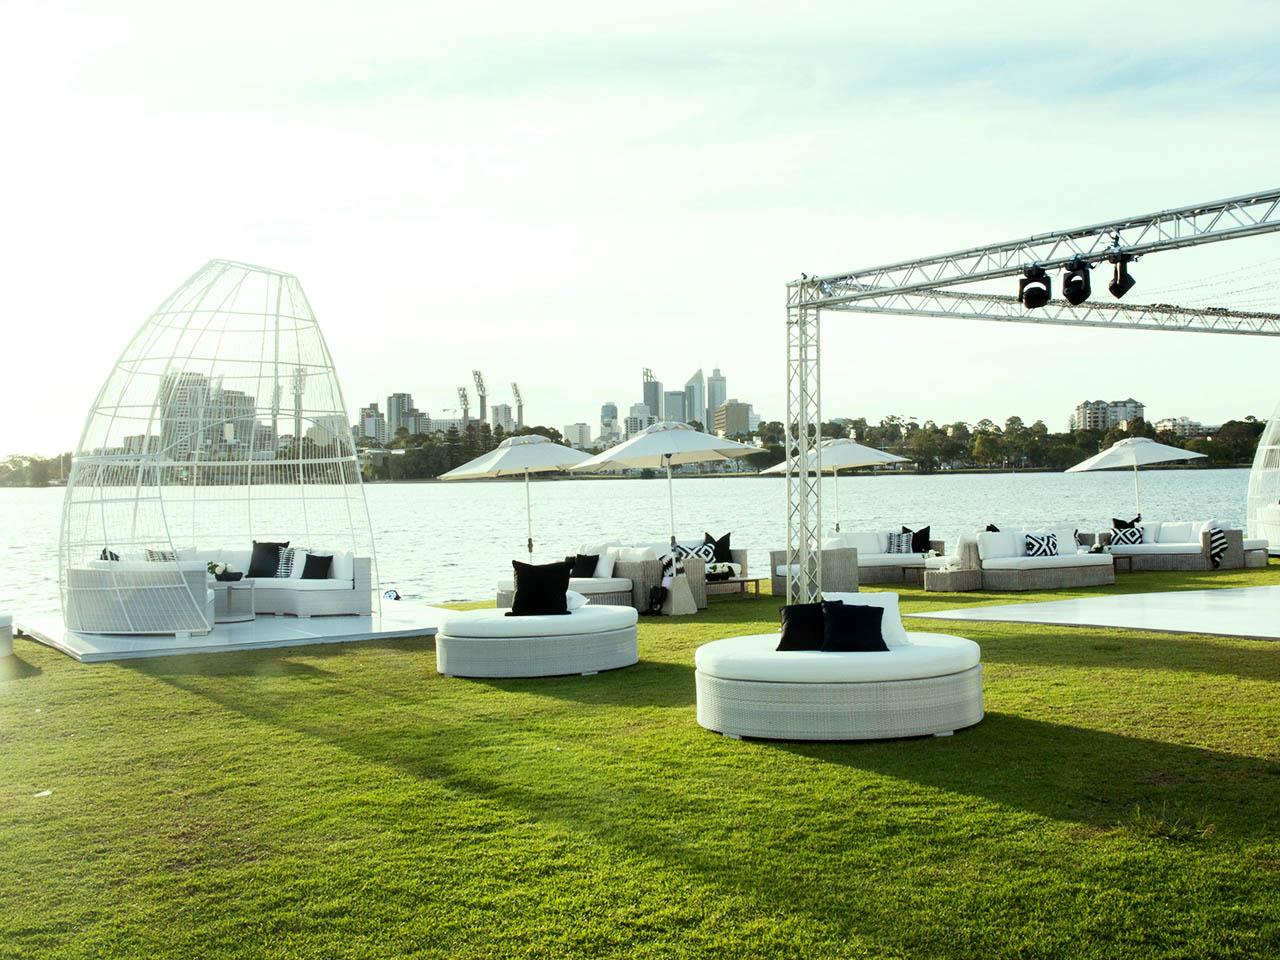 Swan river outdoor venue